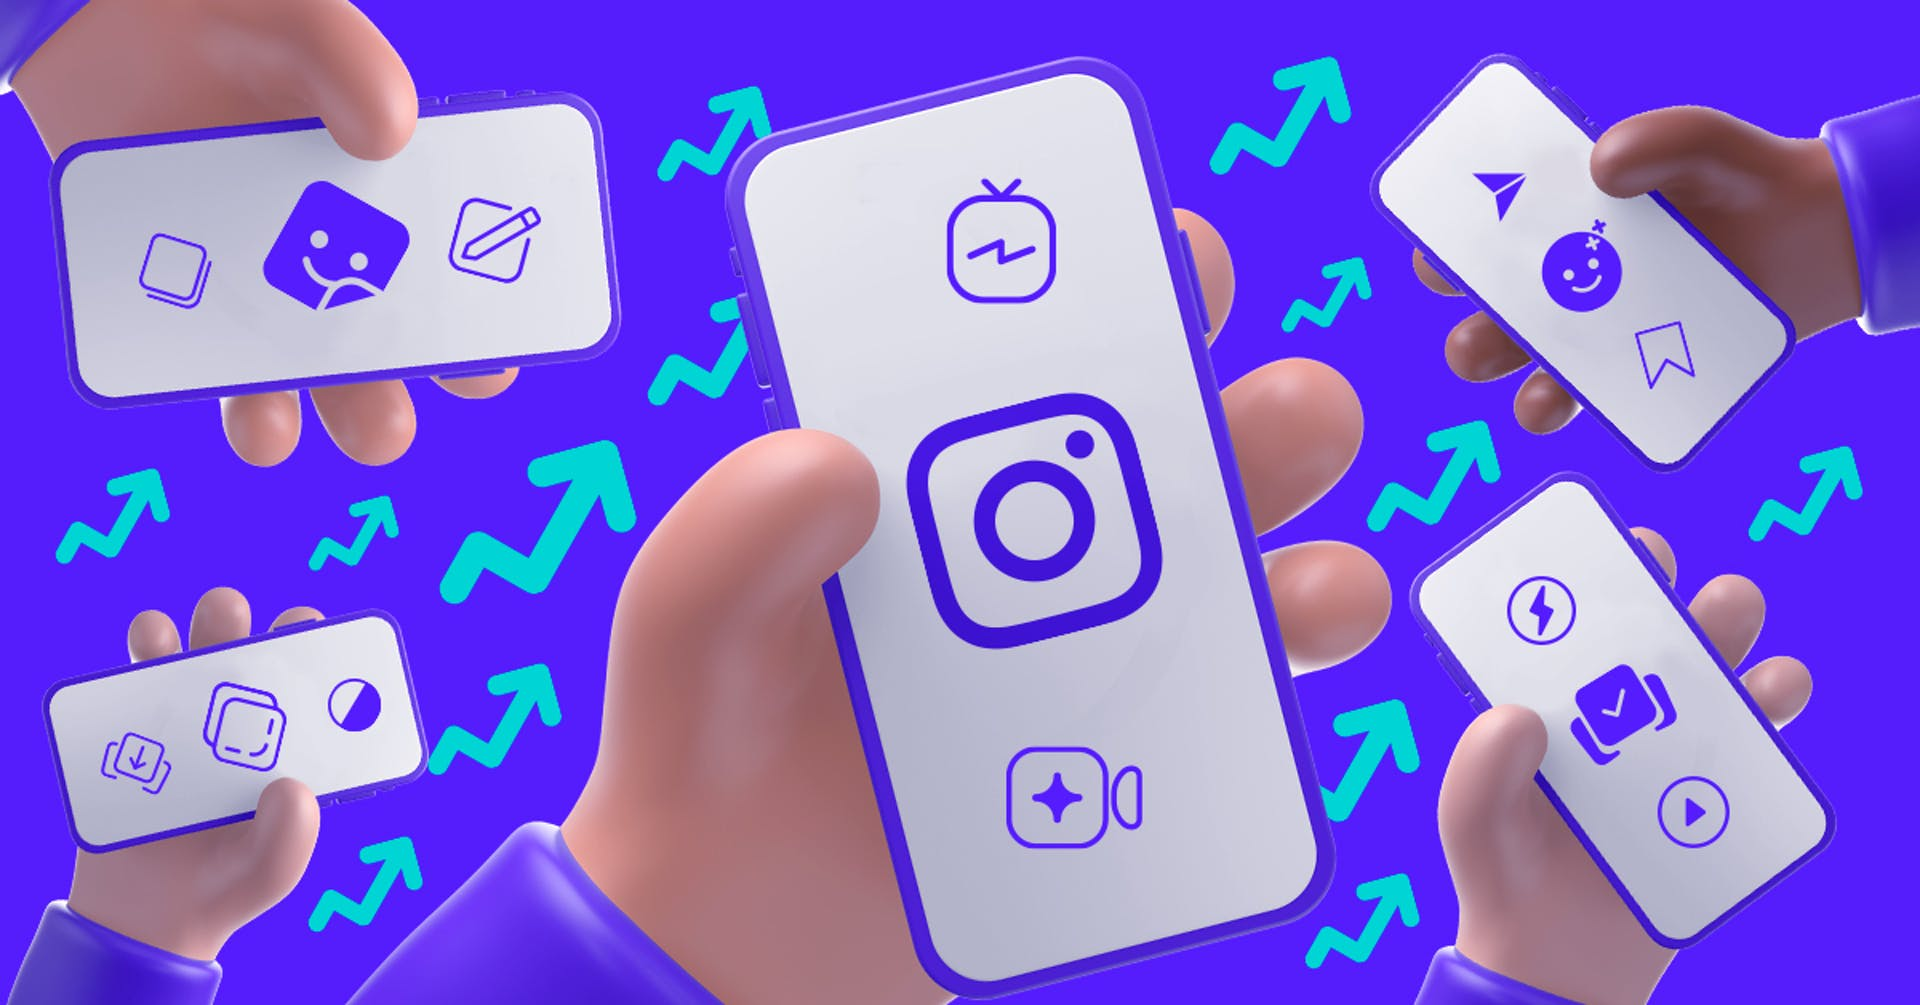 13 tendencias de Instagram que no puedes perder de vista en el 2021